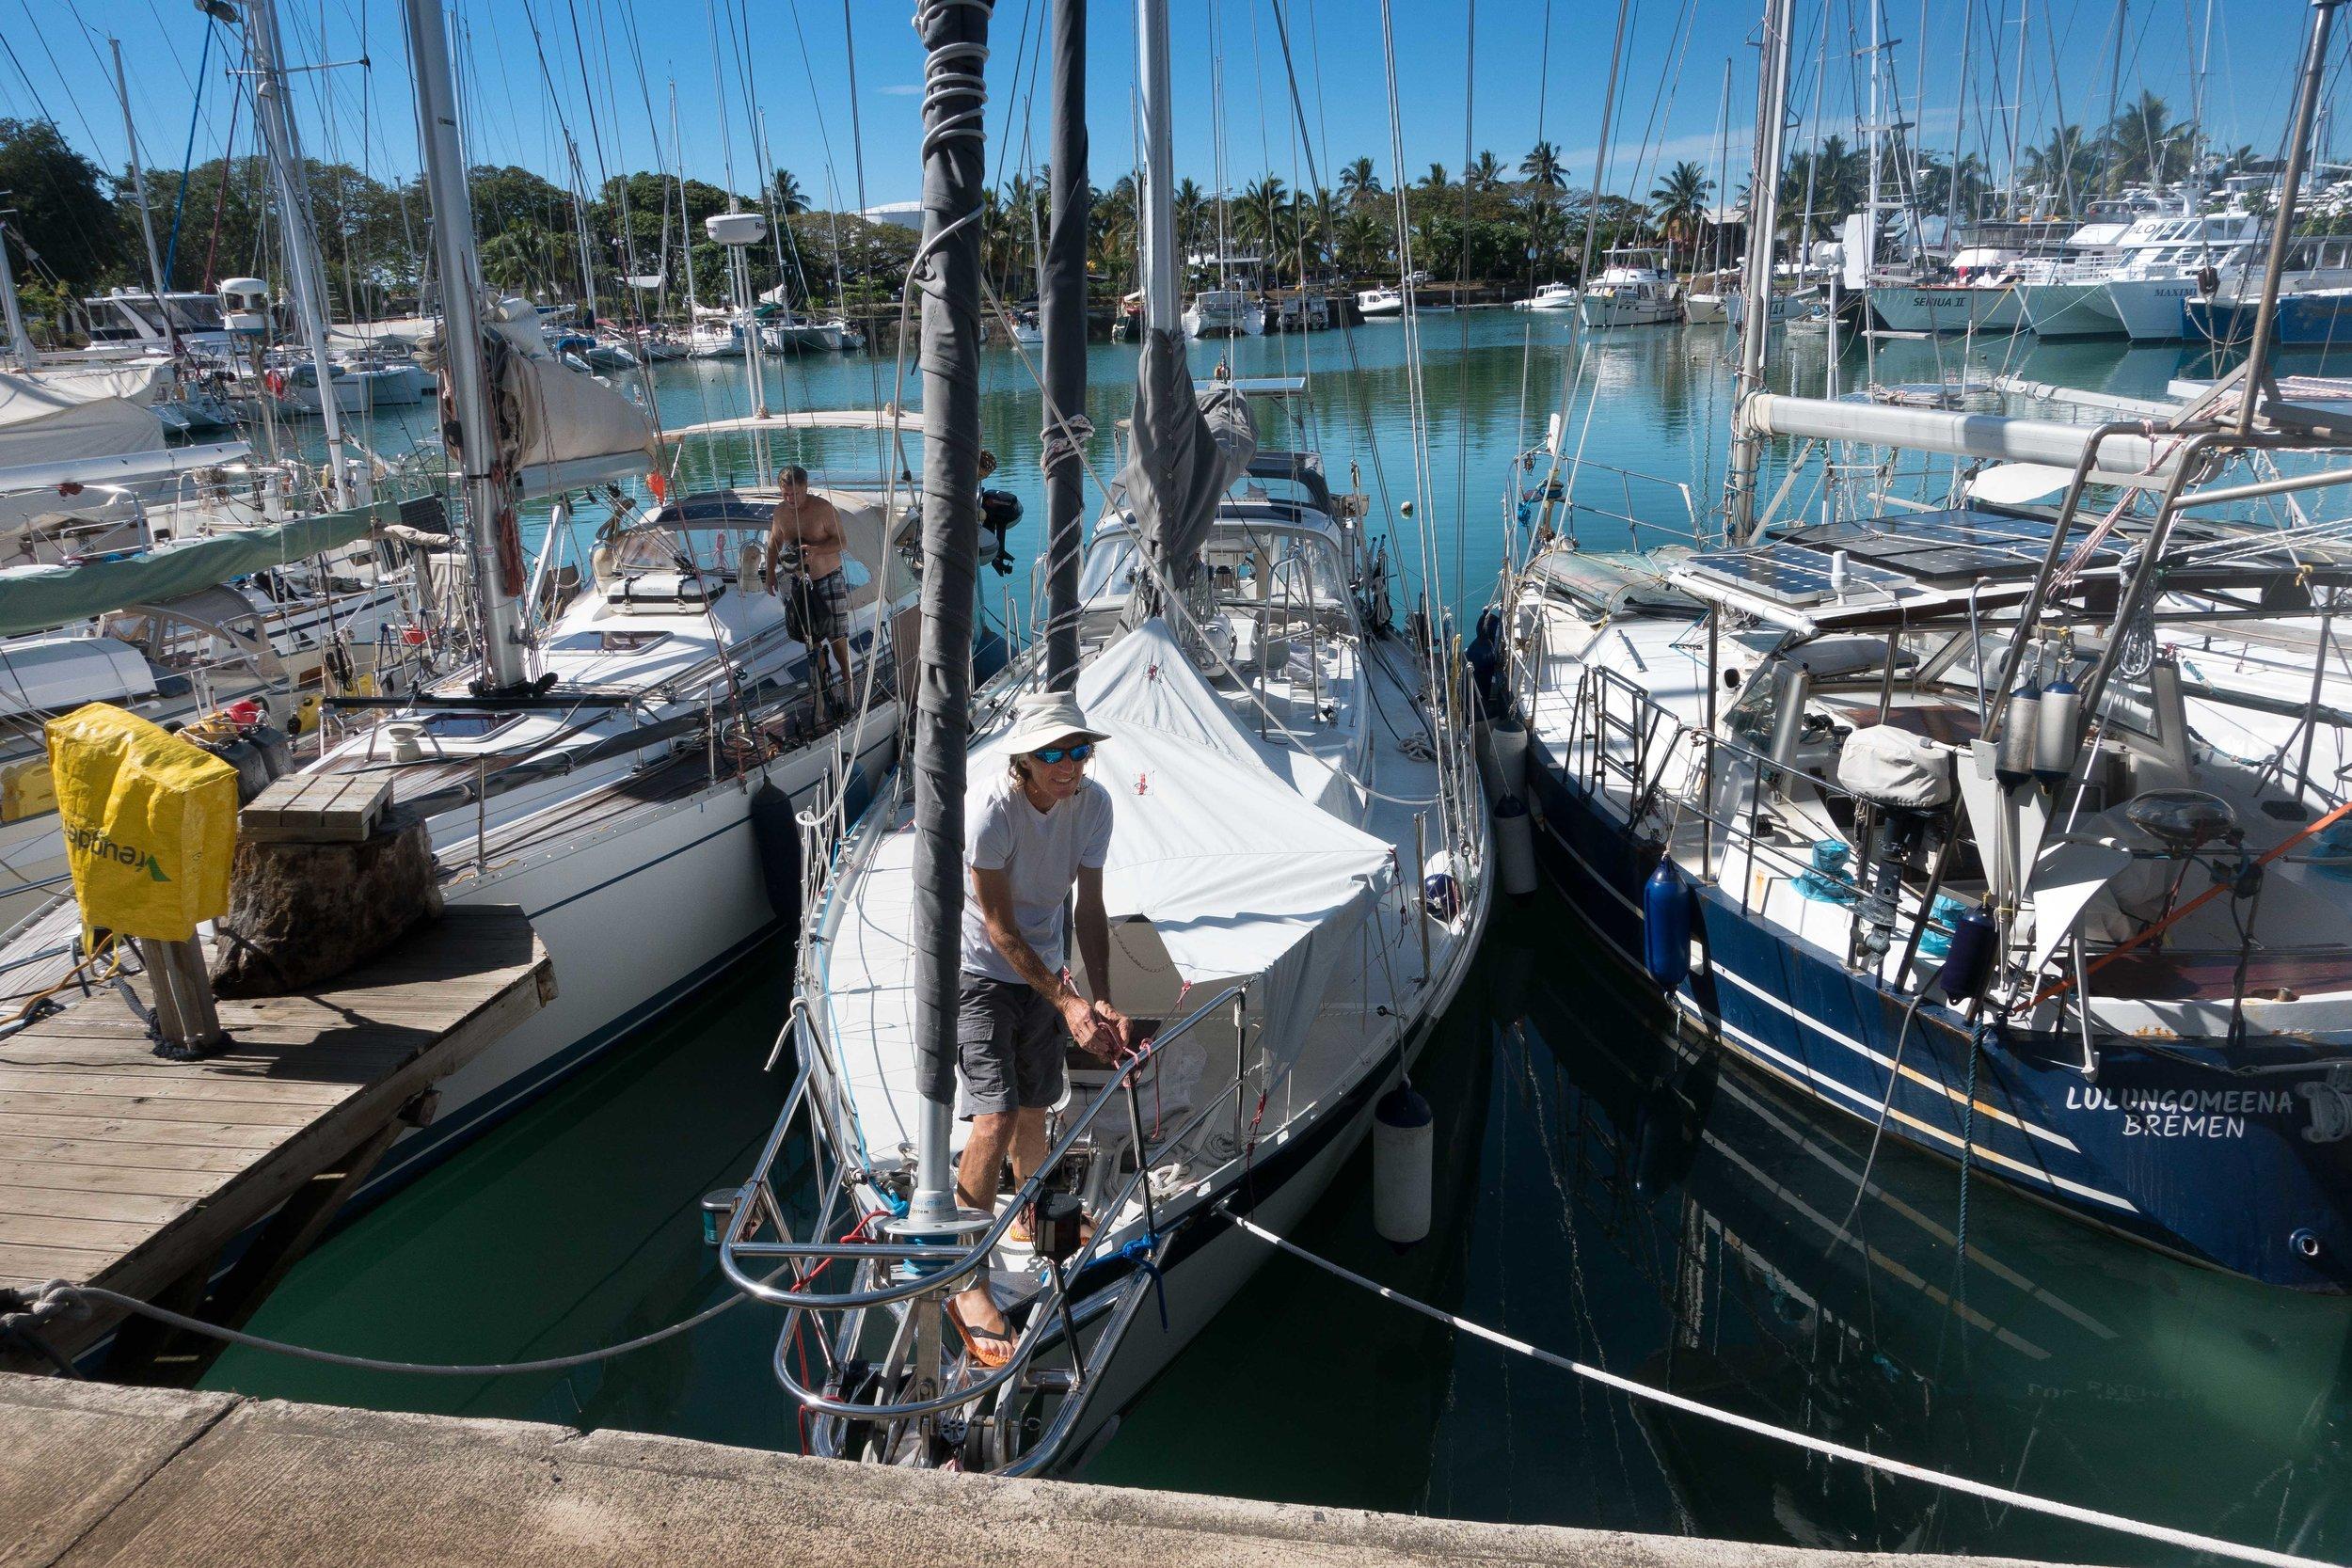 Douglas at Vuda Marina. Exciting at low tide when bringing things ashore.